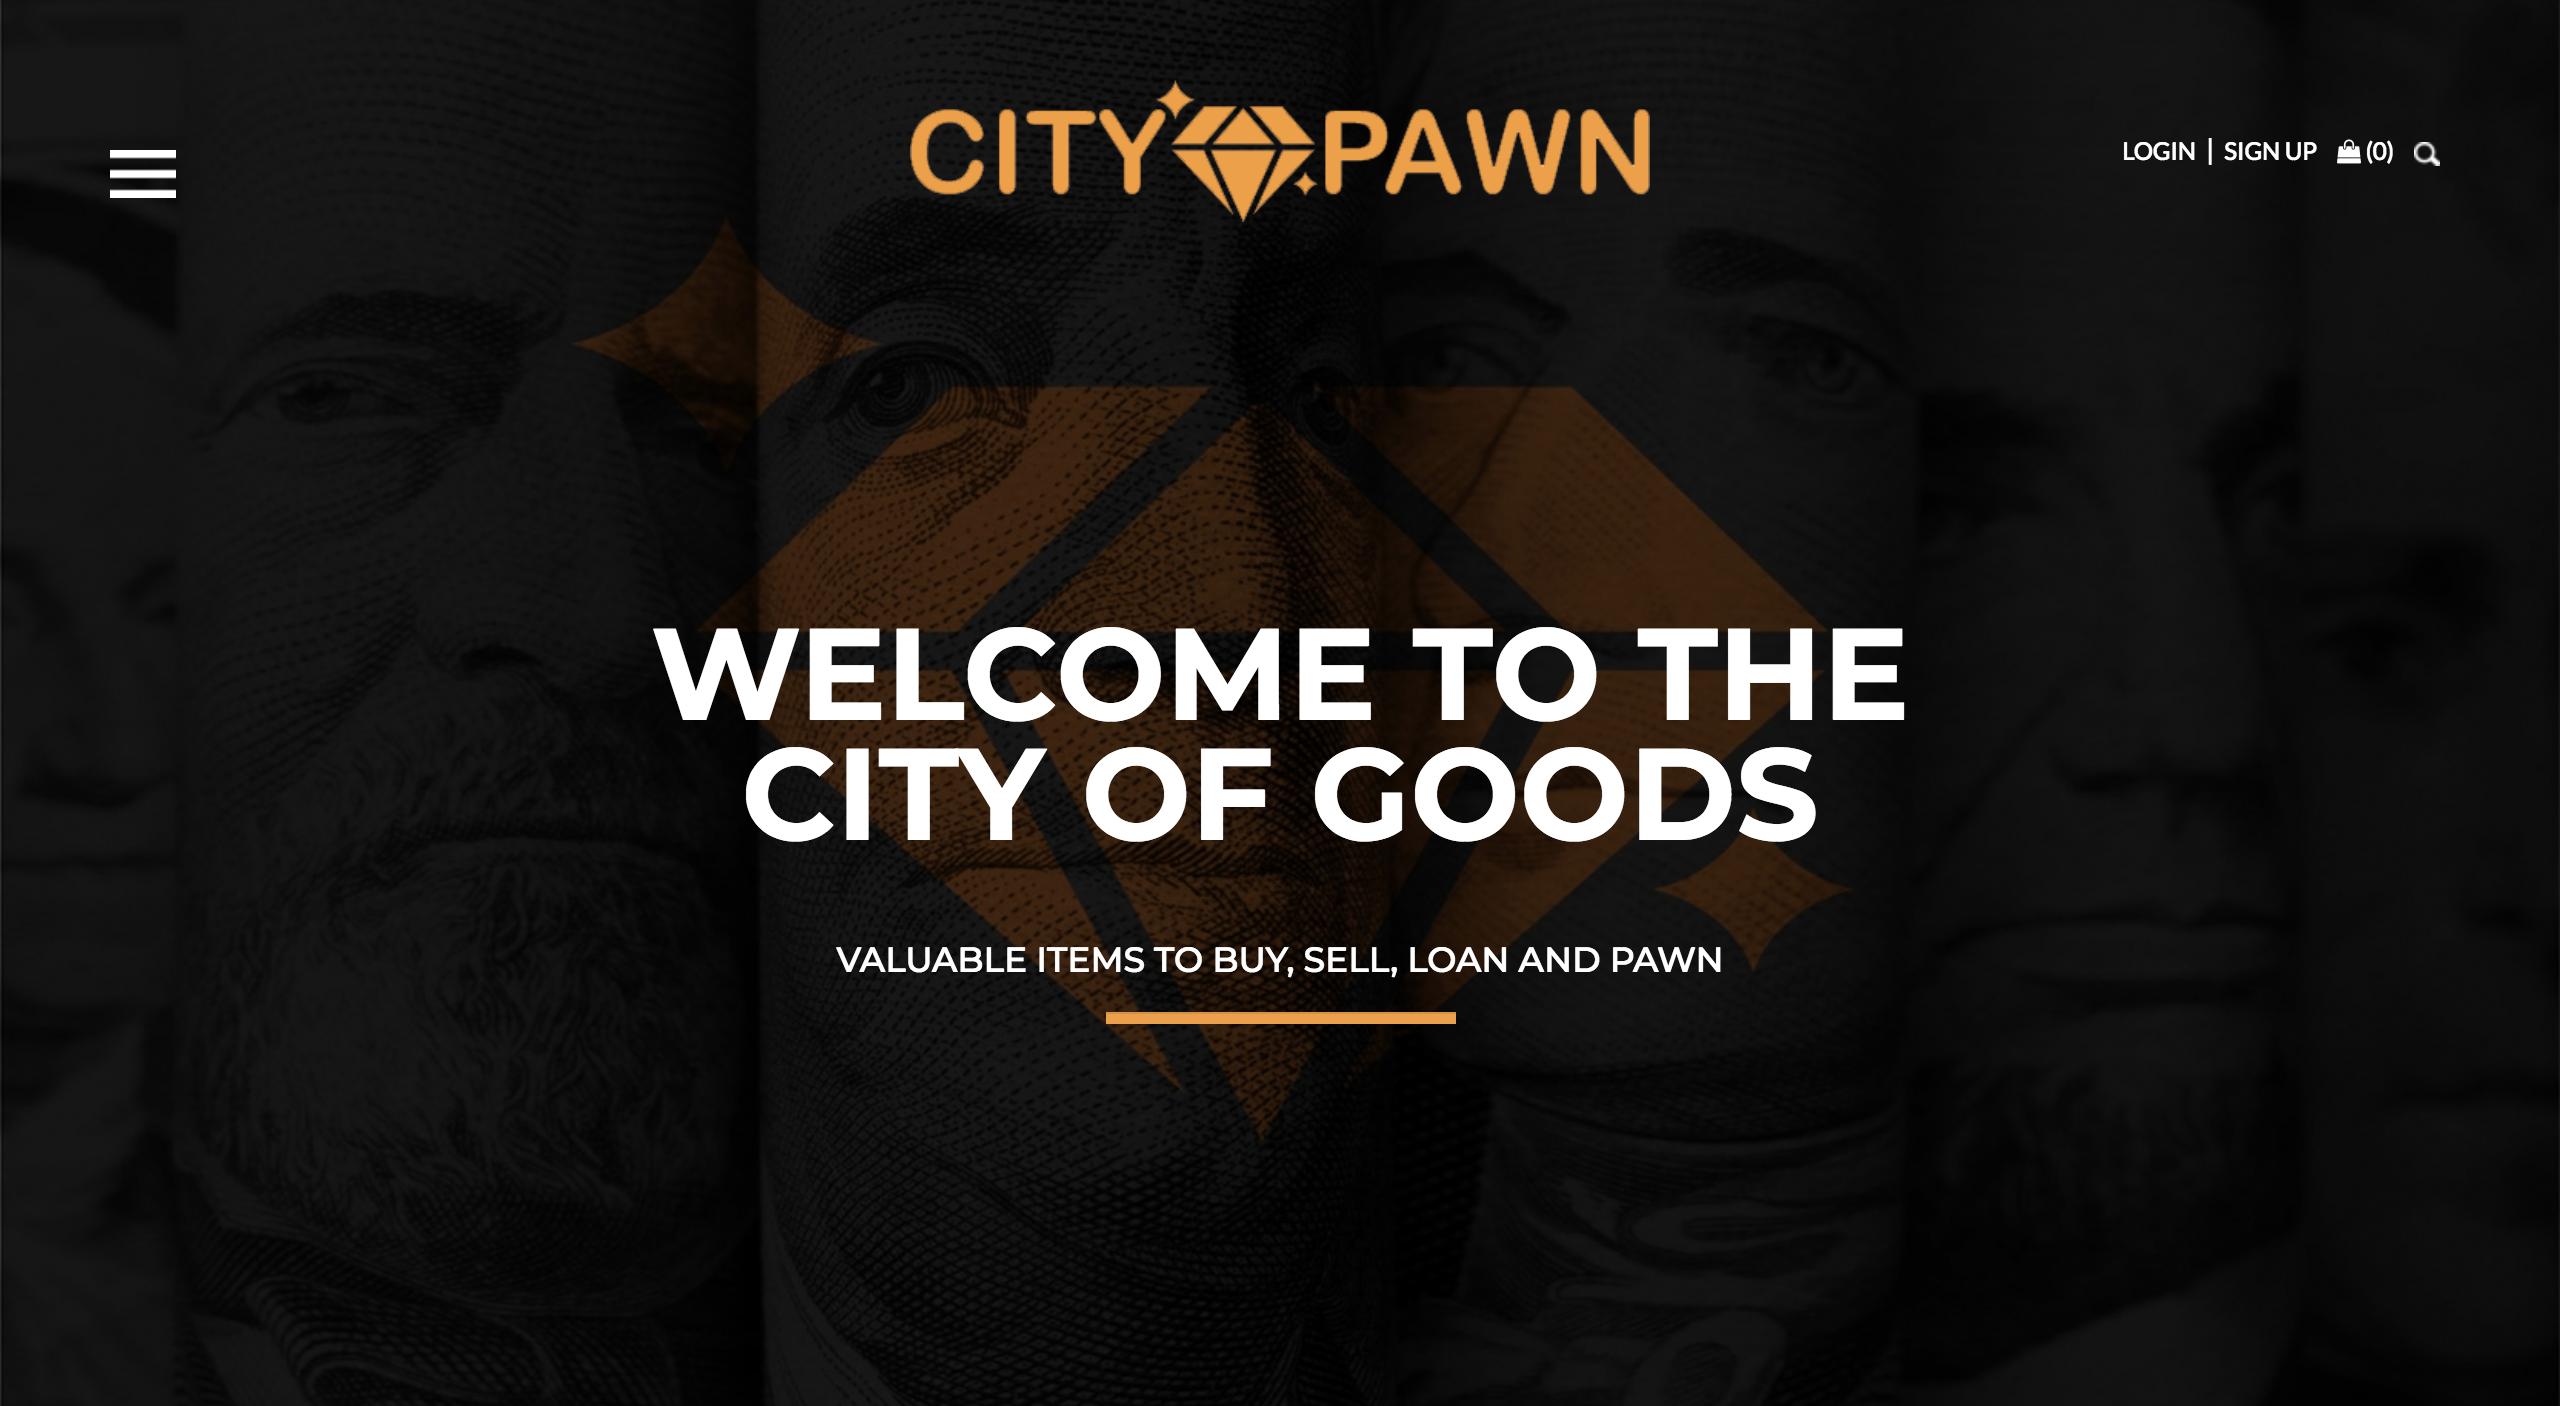 City Pawn Detroit